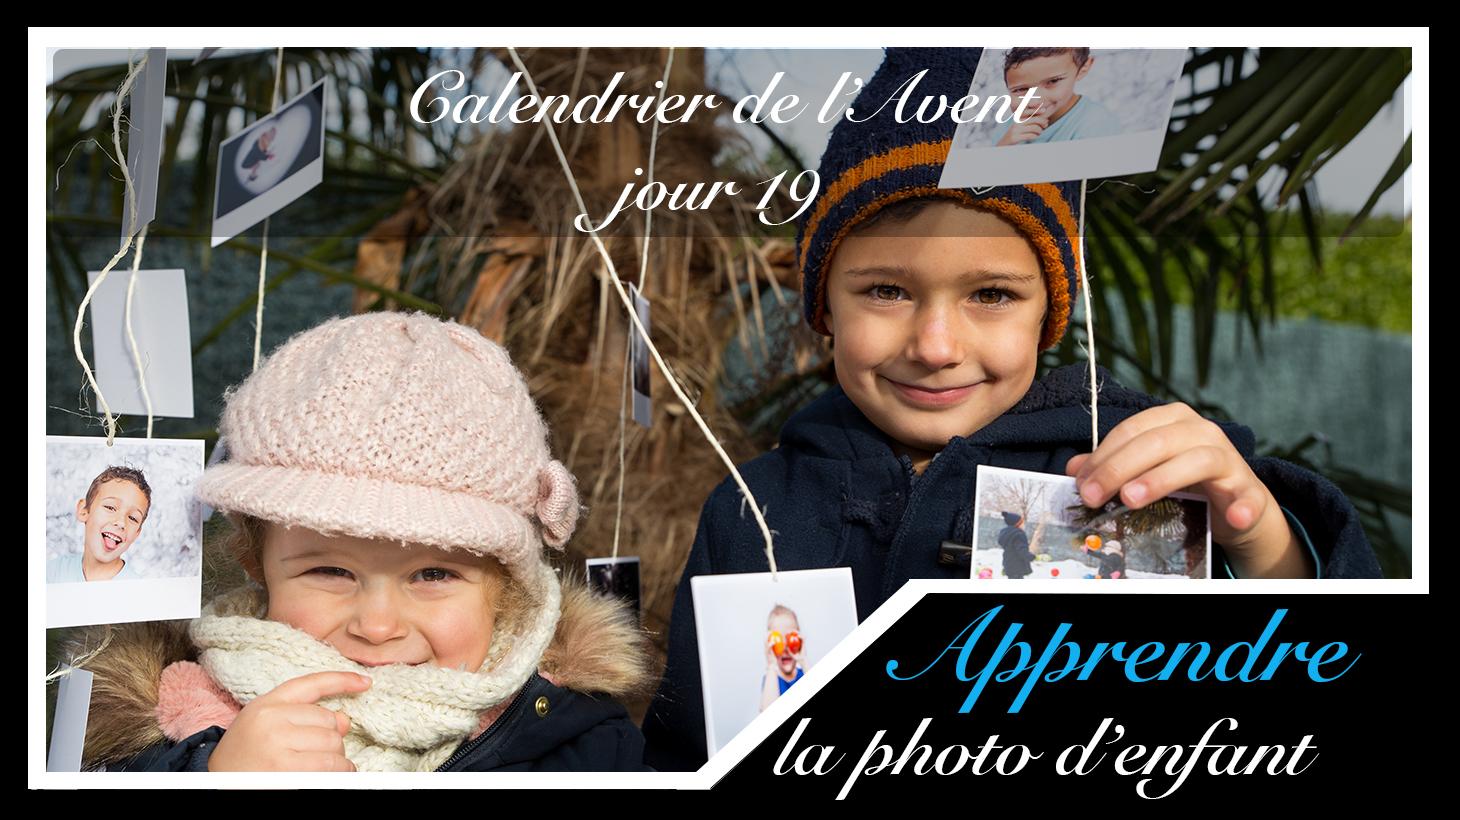 Jour 19 – Calendrier de l'Avent spécial Photo d'enfant